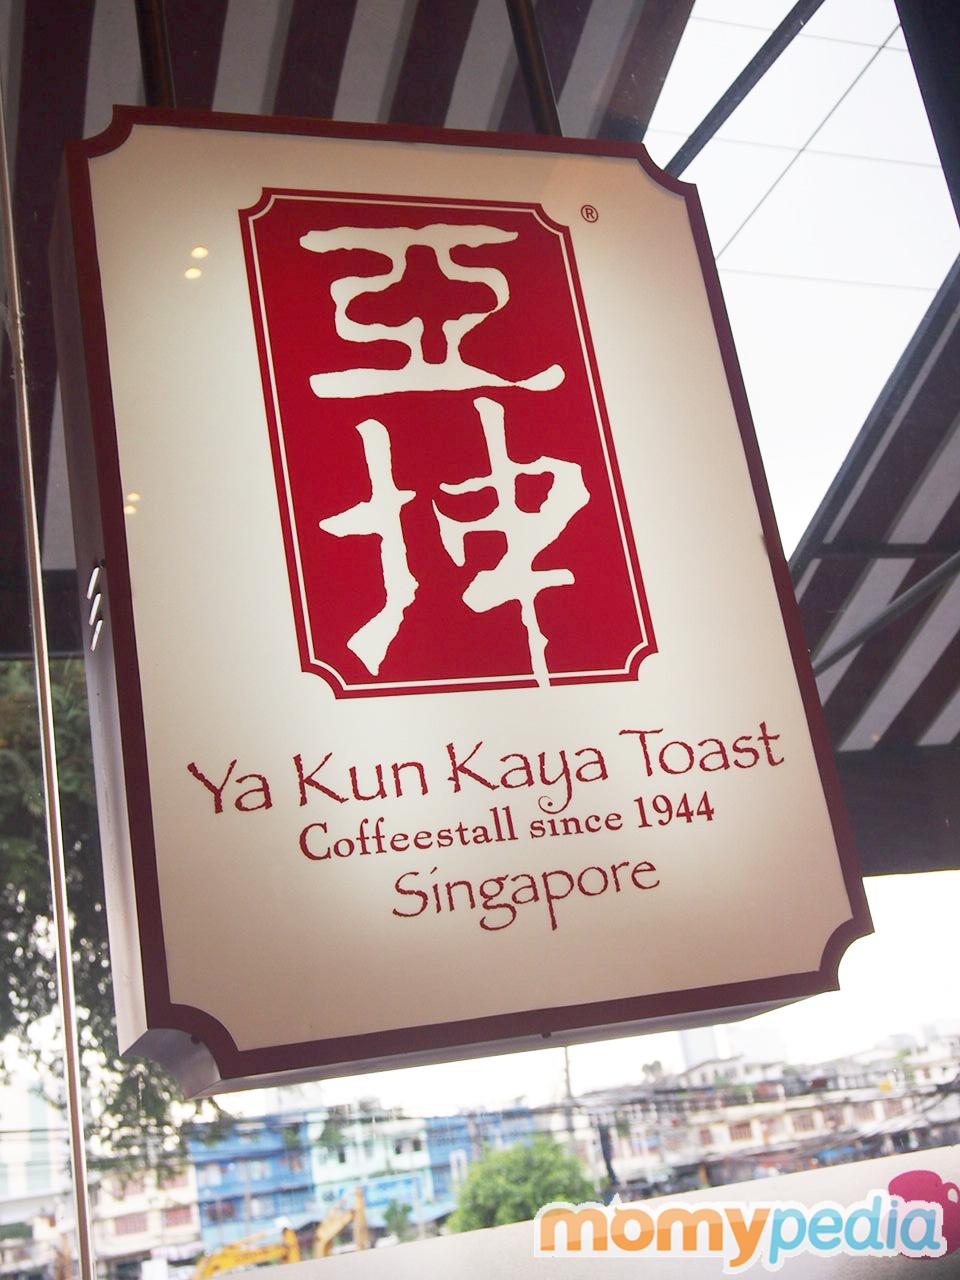 พาทัวร์ร้าน Ya kun kaya toast ร้านดังสัญชาติสิงค์โปร์สู่ไทย, yakun, kaya, คายา, สิงคโปร์, ร้านดังจากสิงคโปร์, ร้านยาคุน, Ya Kun เปิดที่ไทย, ขนมปังร้าน Ya Kun